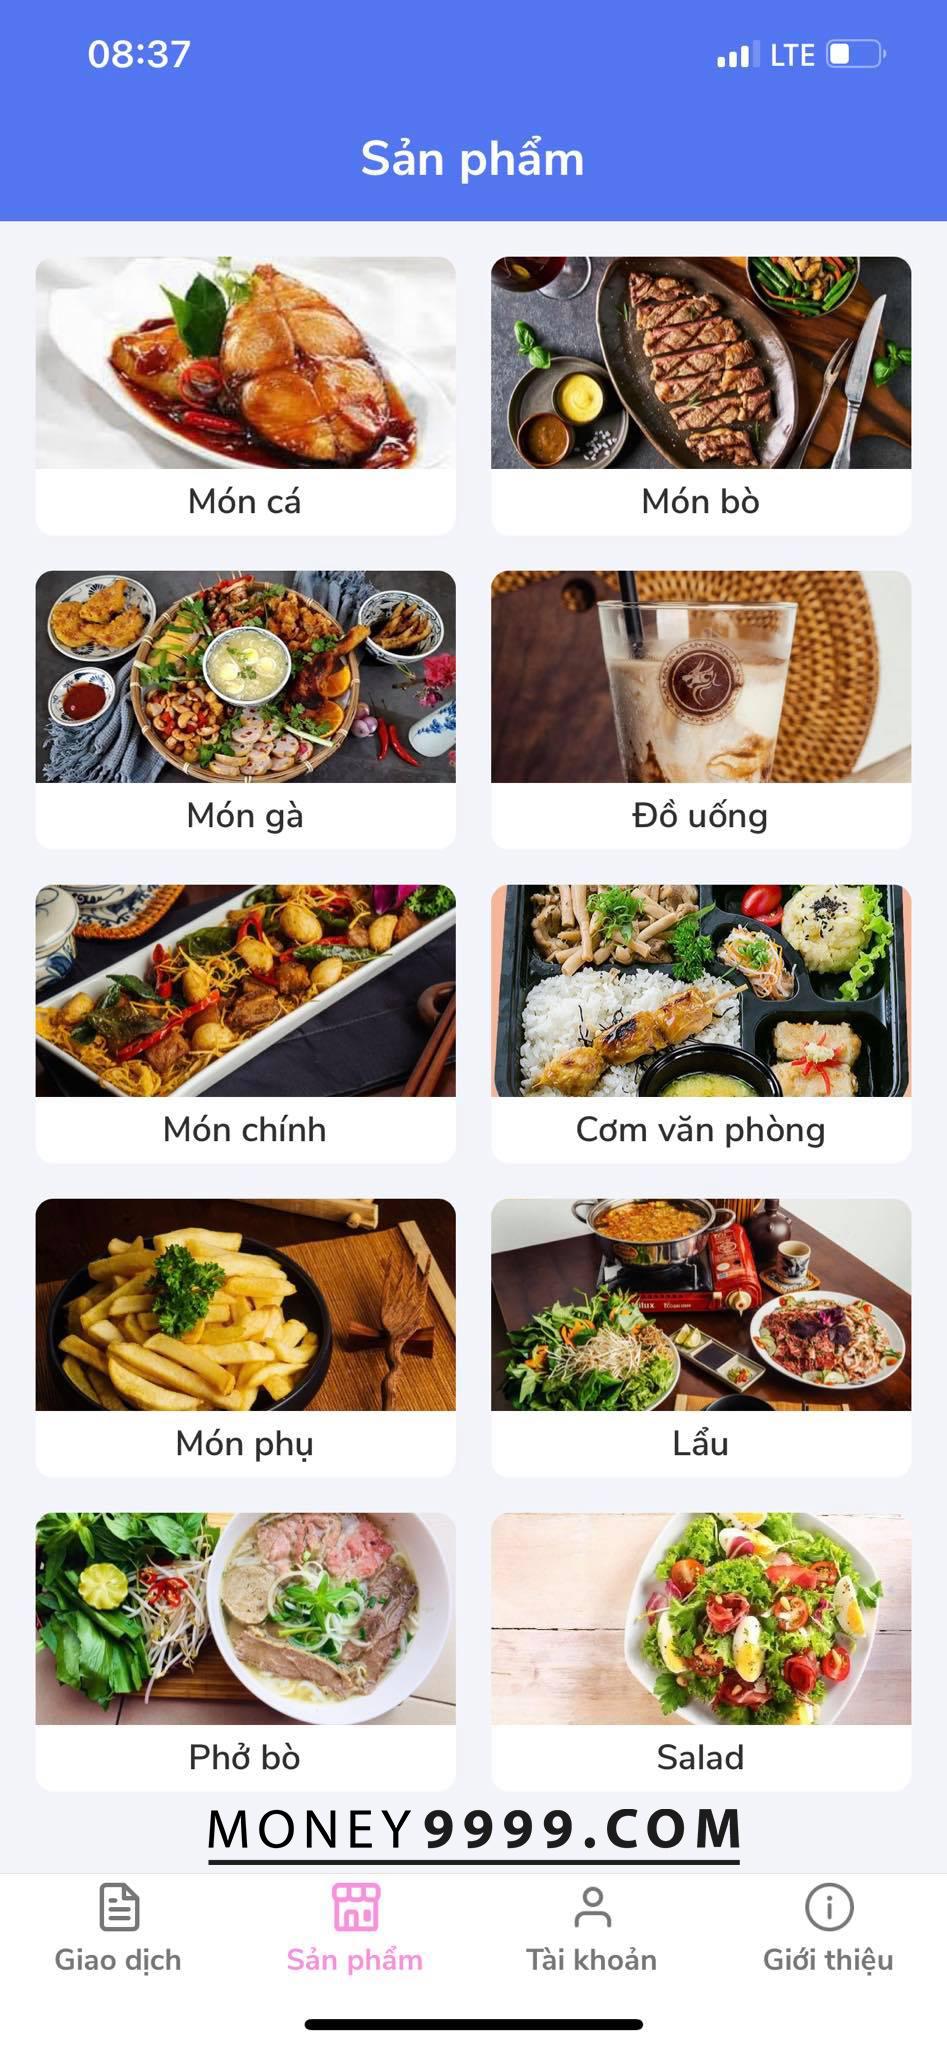 Đặt đồ ăn, thanh toán bằng Voucher